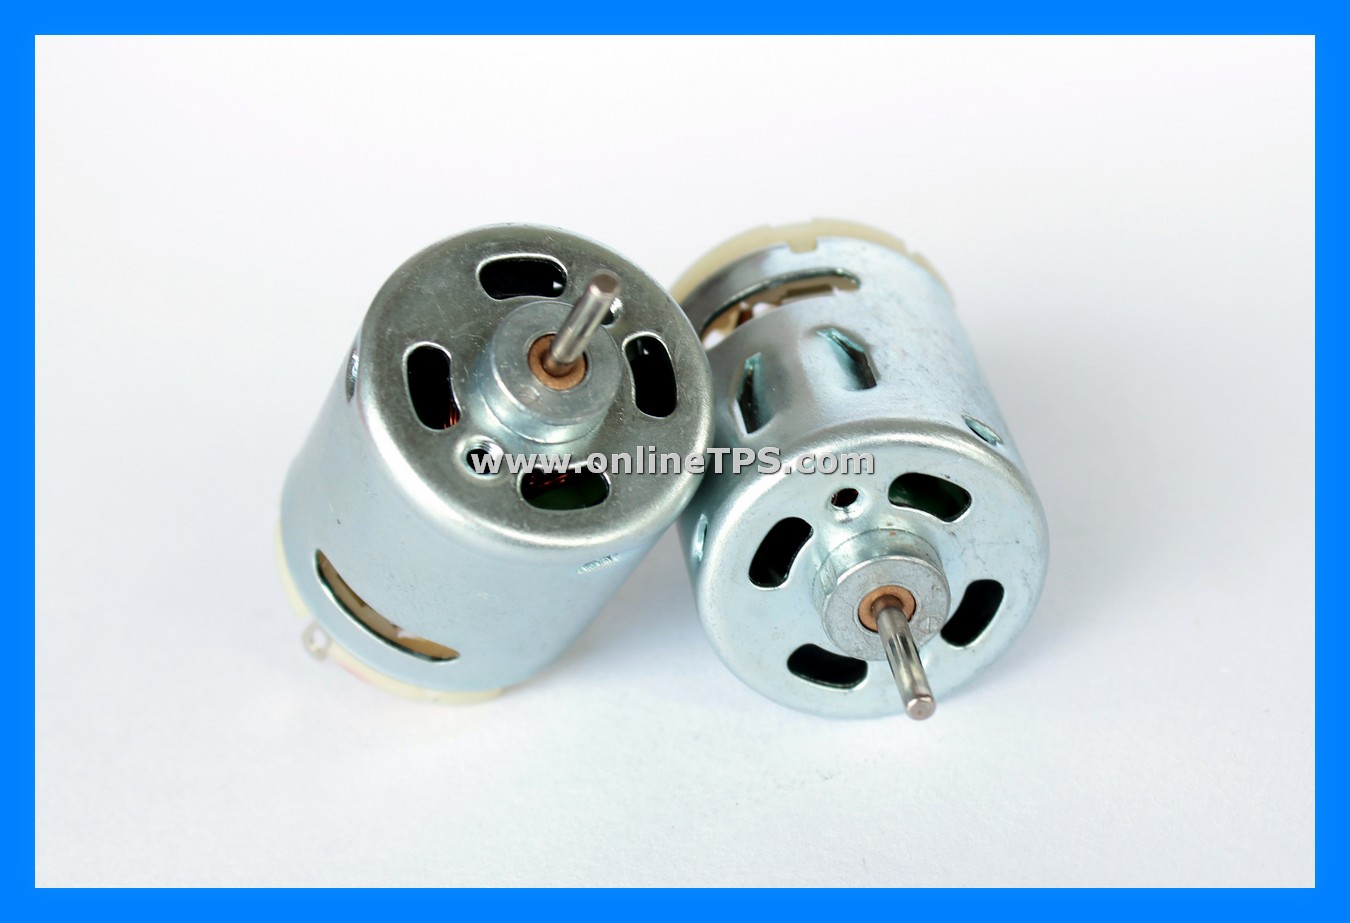 http://2.bp.blogspot.com/-NKxh0m0uY-8/UhdrkQ2MpXI/AAAAAAAACVI/Q0GLqbInhGM/s1600/High_Torque_DC_Motor_5.jpg